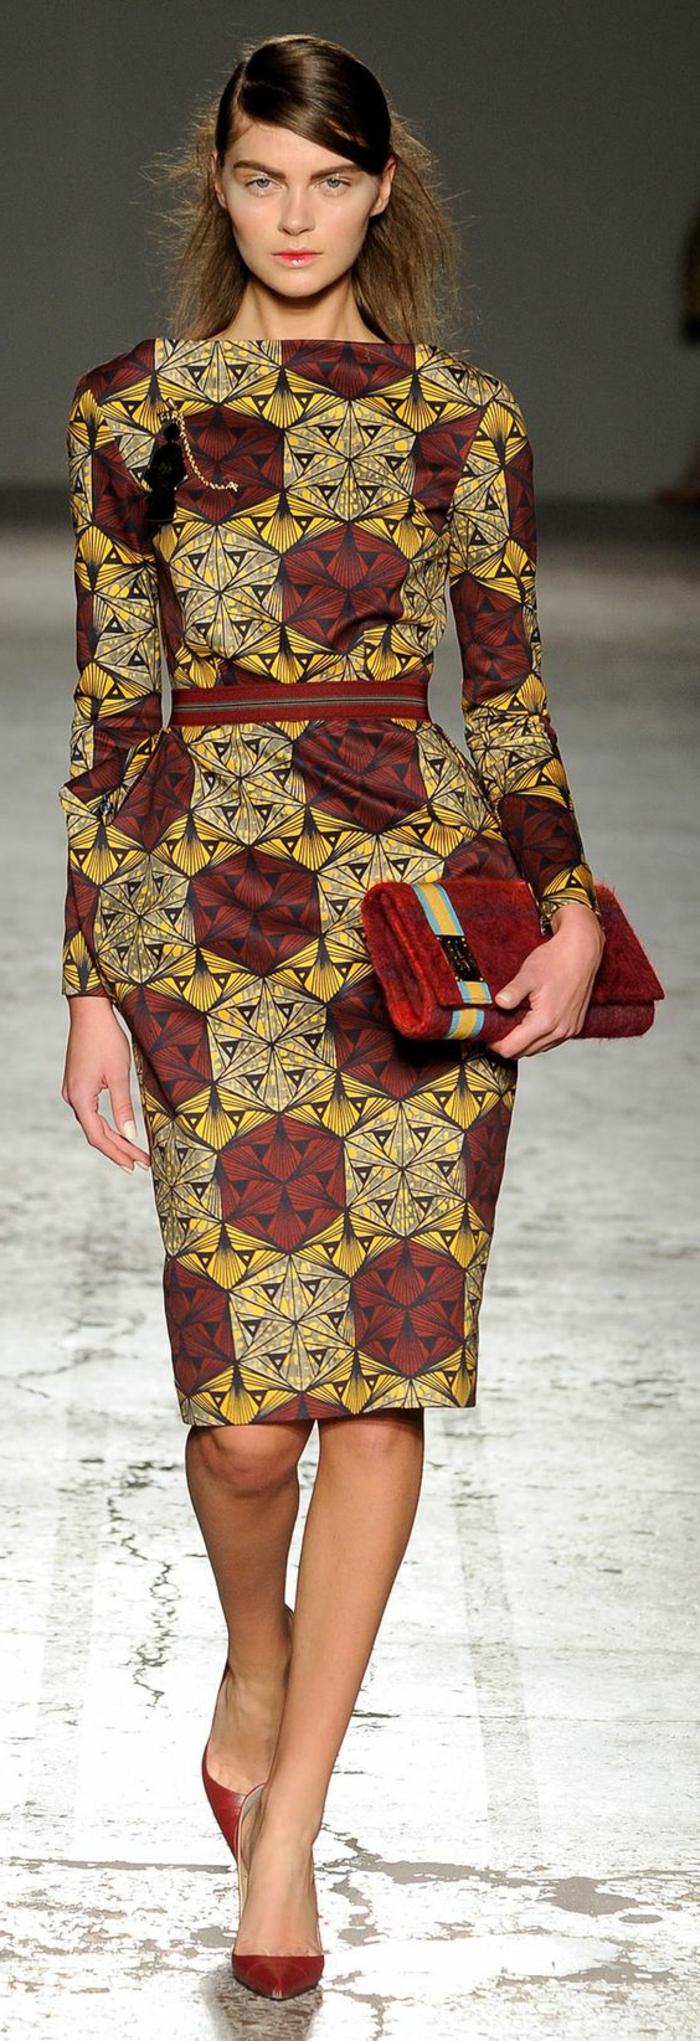 vestido elegante y modernos en colores cálidos y terrestres, diseños de vestidos africanos